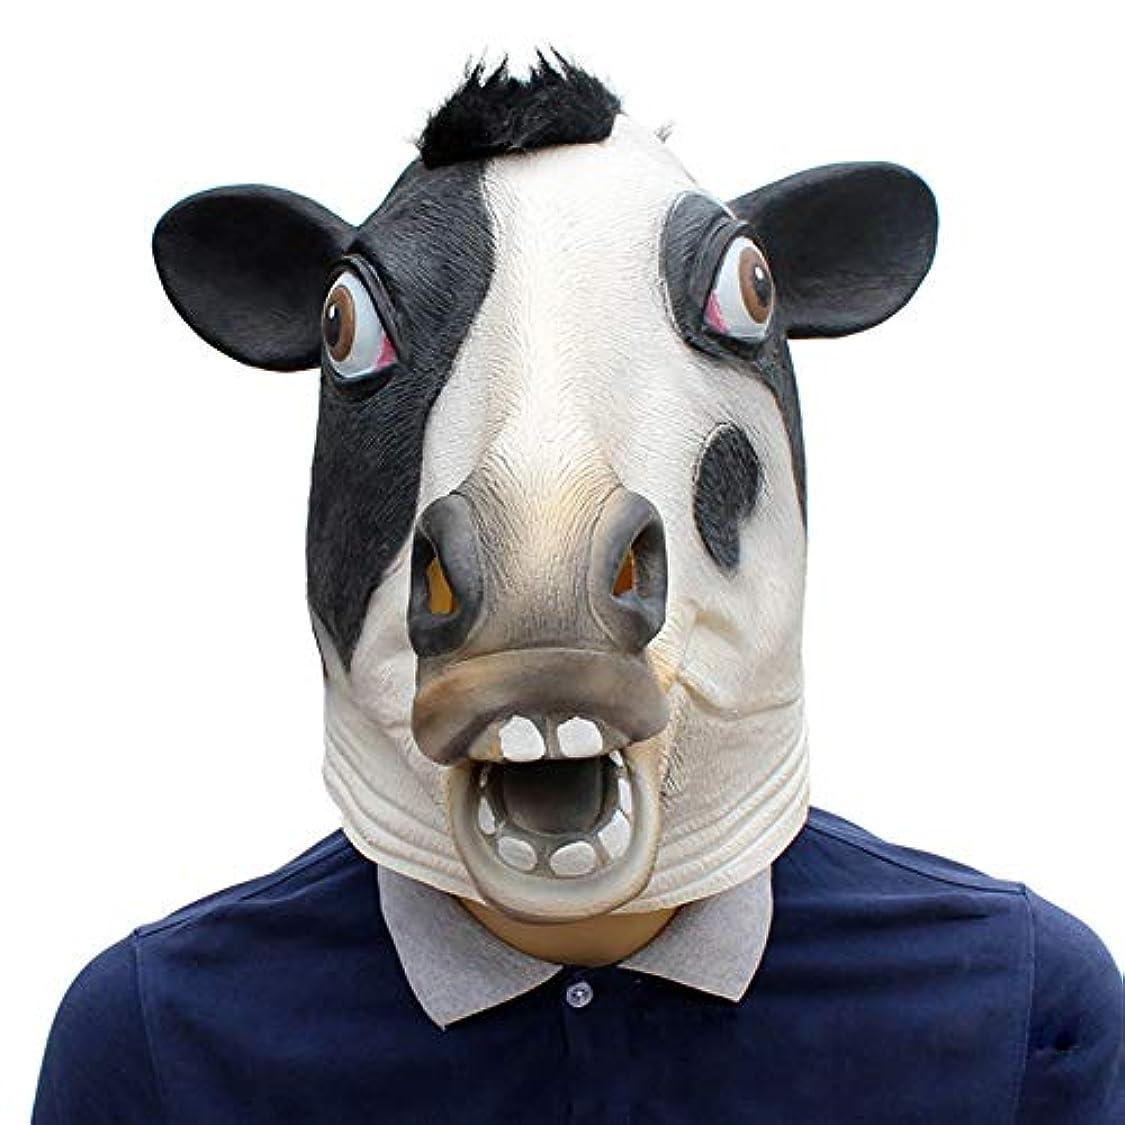 農夫並外れた狐ハロウィーンマスク、牛ラテックスマスク、ハロウィーン、テーマパーティー、カーニバル、レイブパーティー、バー、小道具、映画。